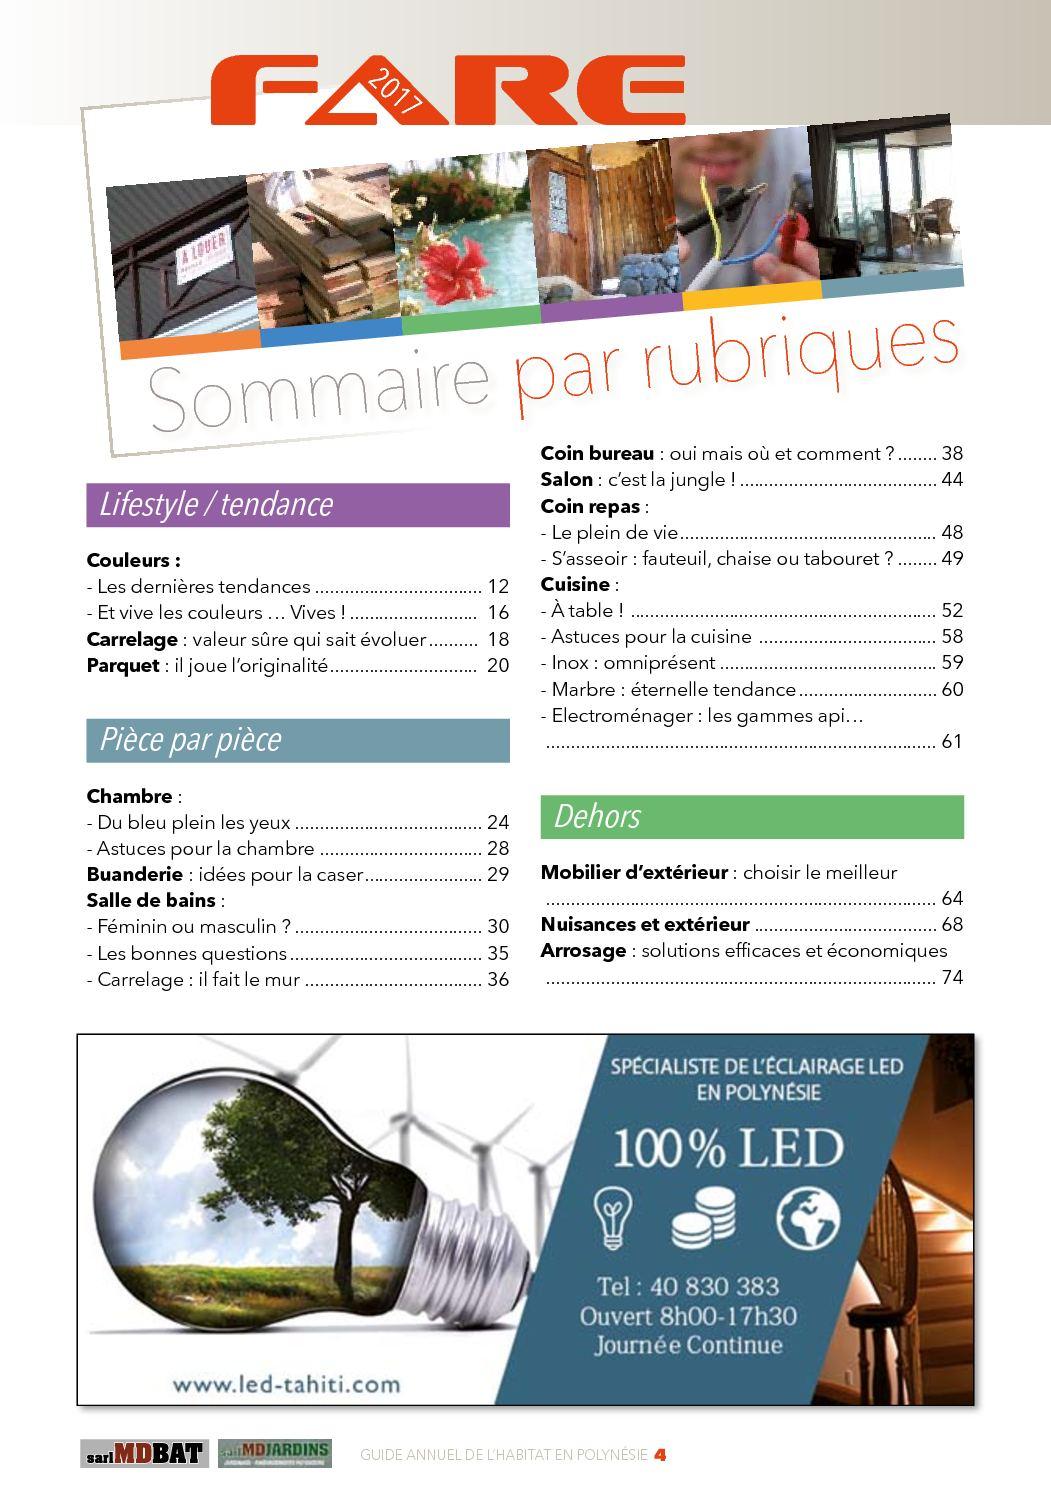 Vanite Salle Bain Bf ~ Fare 2017 Guide De L Habitat En Polyn Sie Tahiti Calameo